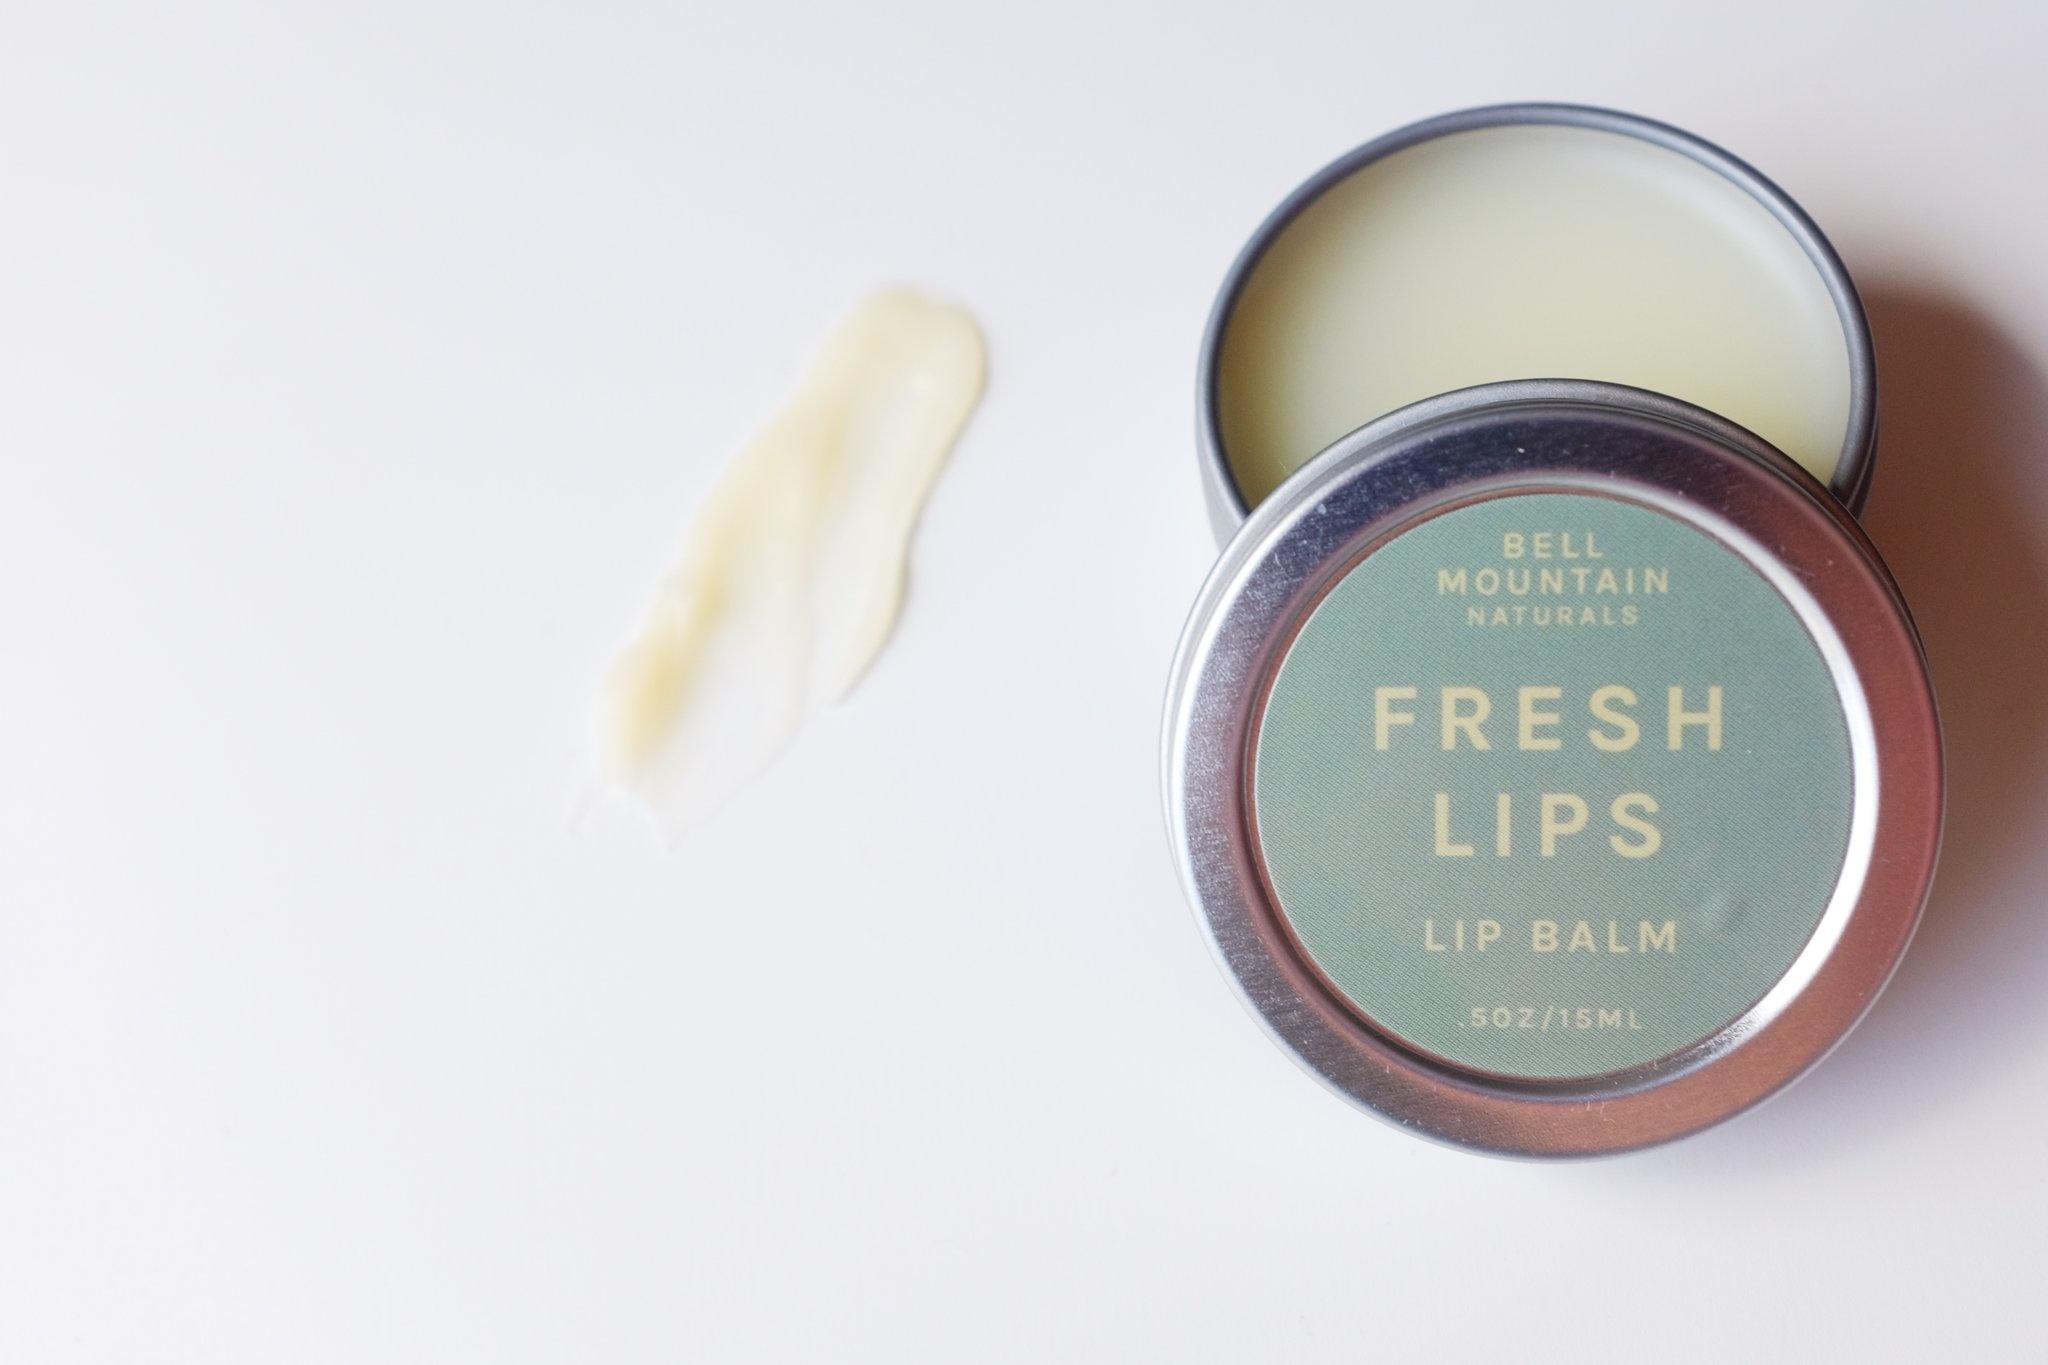 Bell Mountain Naturals Fresh Lips Lip Balm